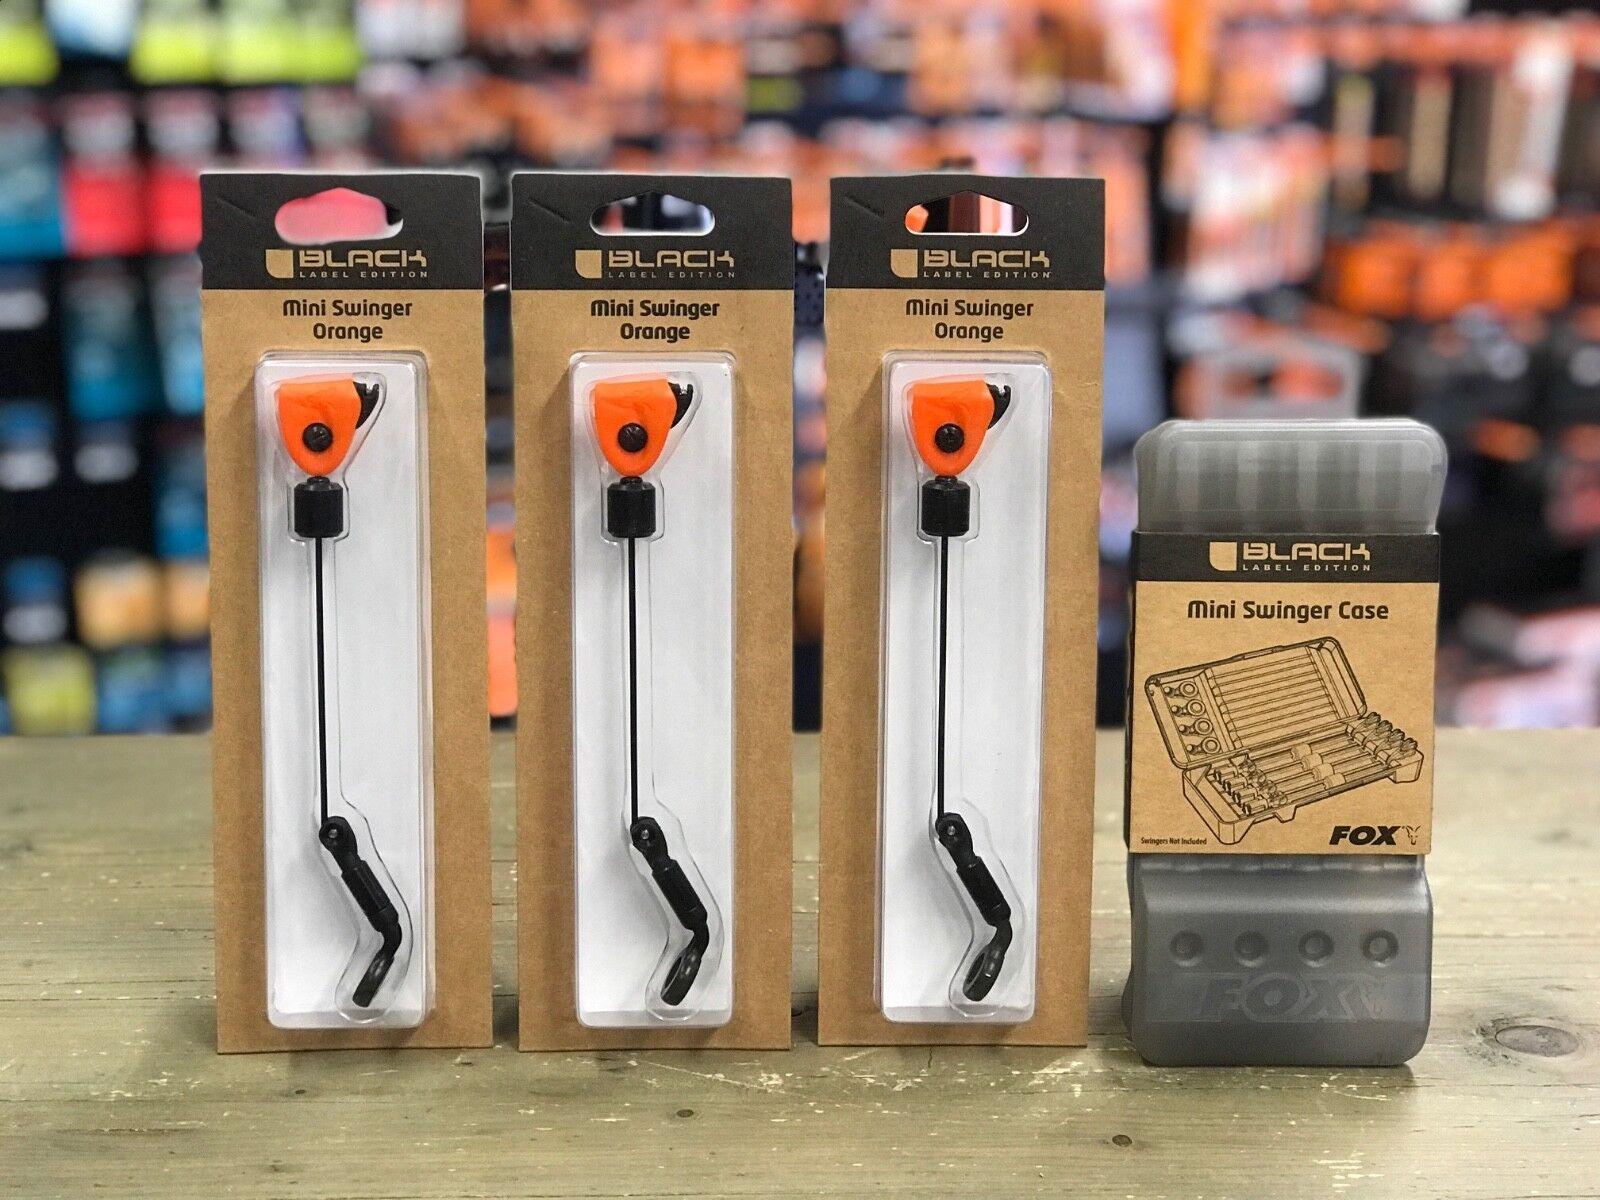 FOX nero Label mini Swinger 3 Rod Set in Arancione Con Custodia-CSI069 CSI075.